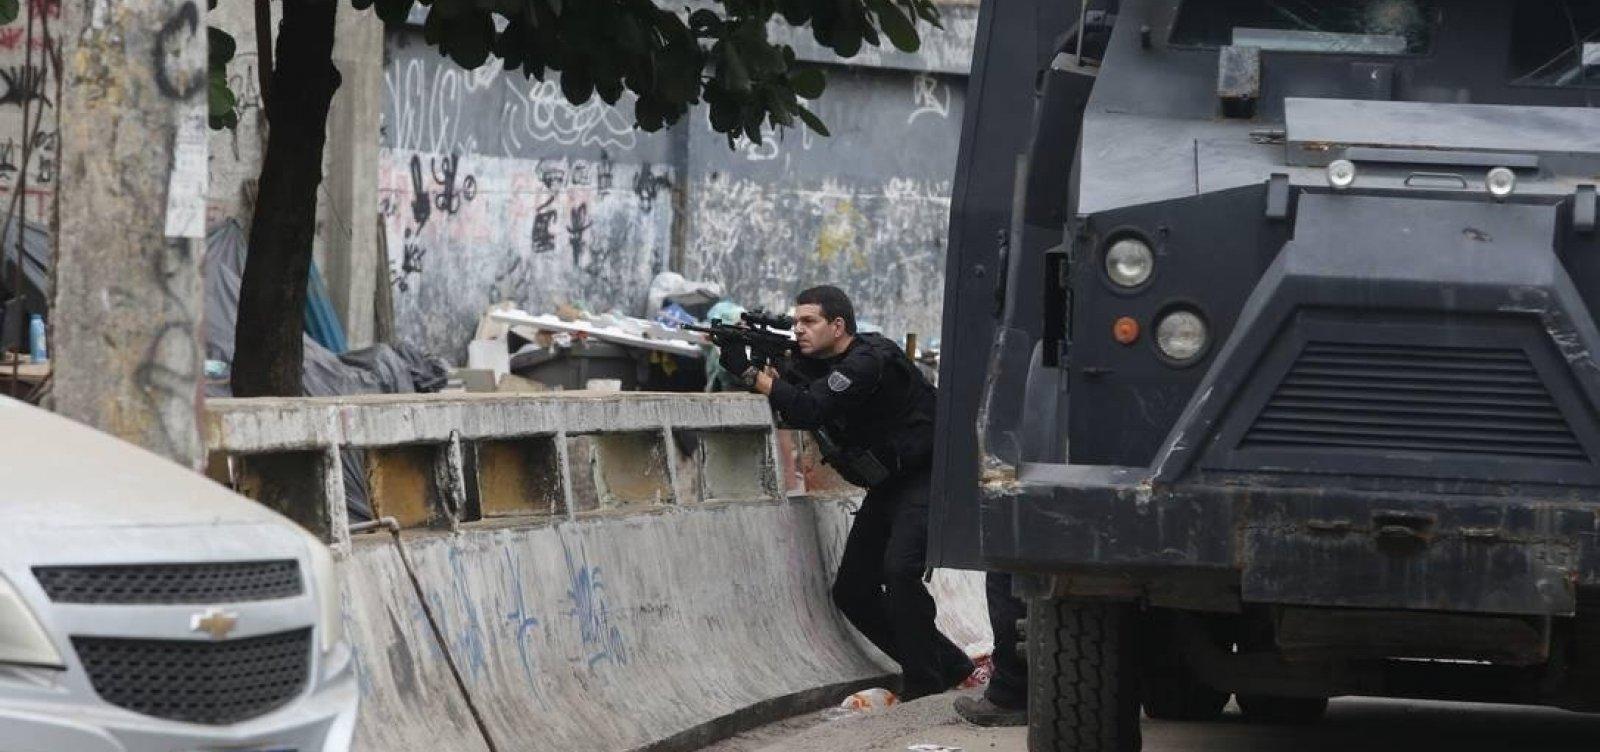 Defensoria Pública da Bahia repudia operação policial no Jacarezinho, no Rio